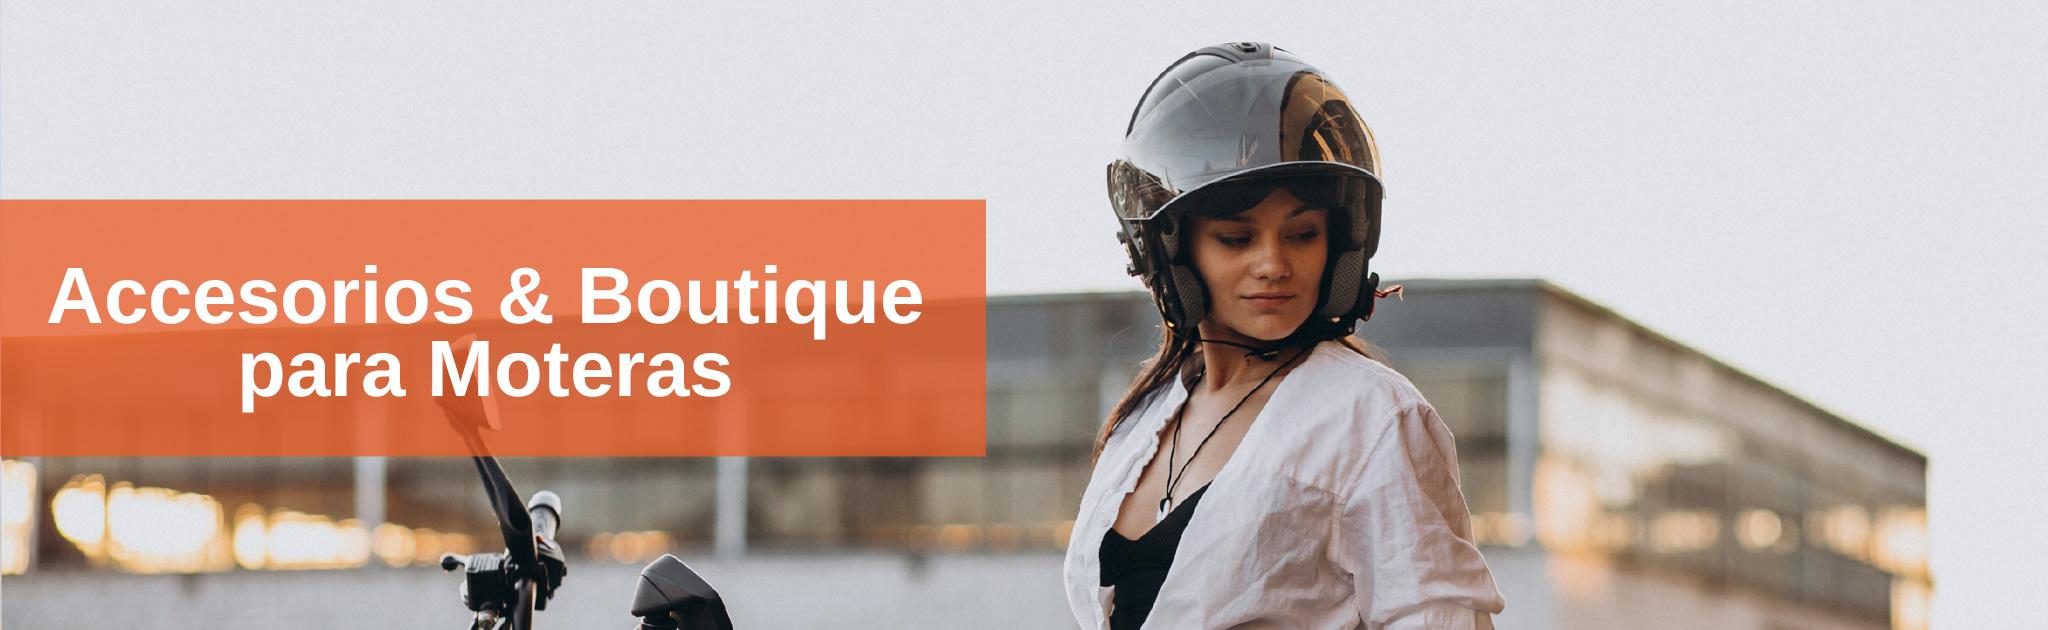 tienda online de accesorios de motos